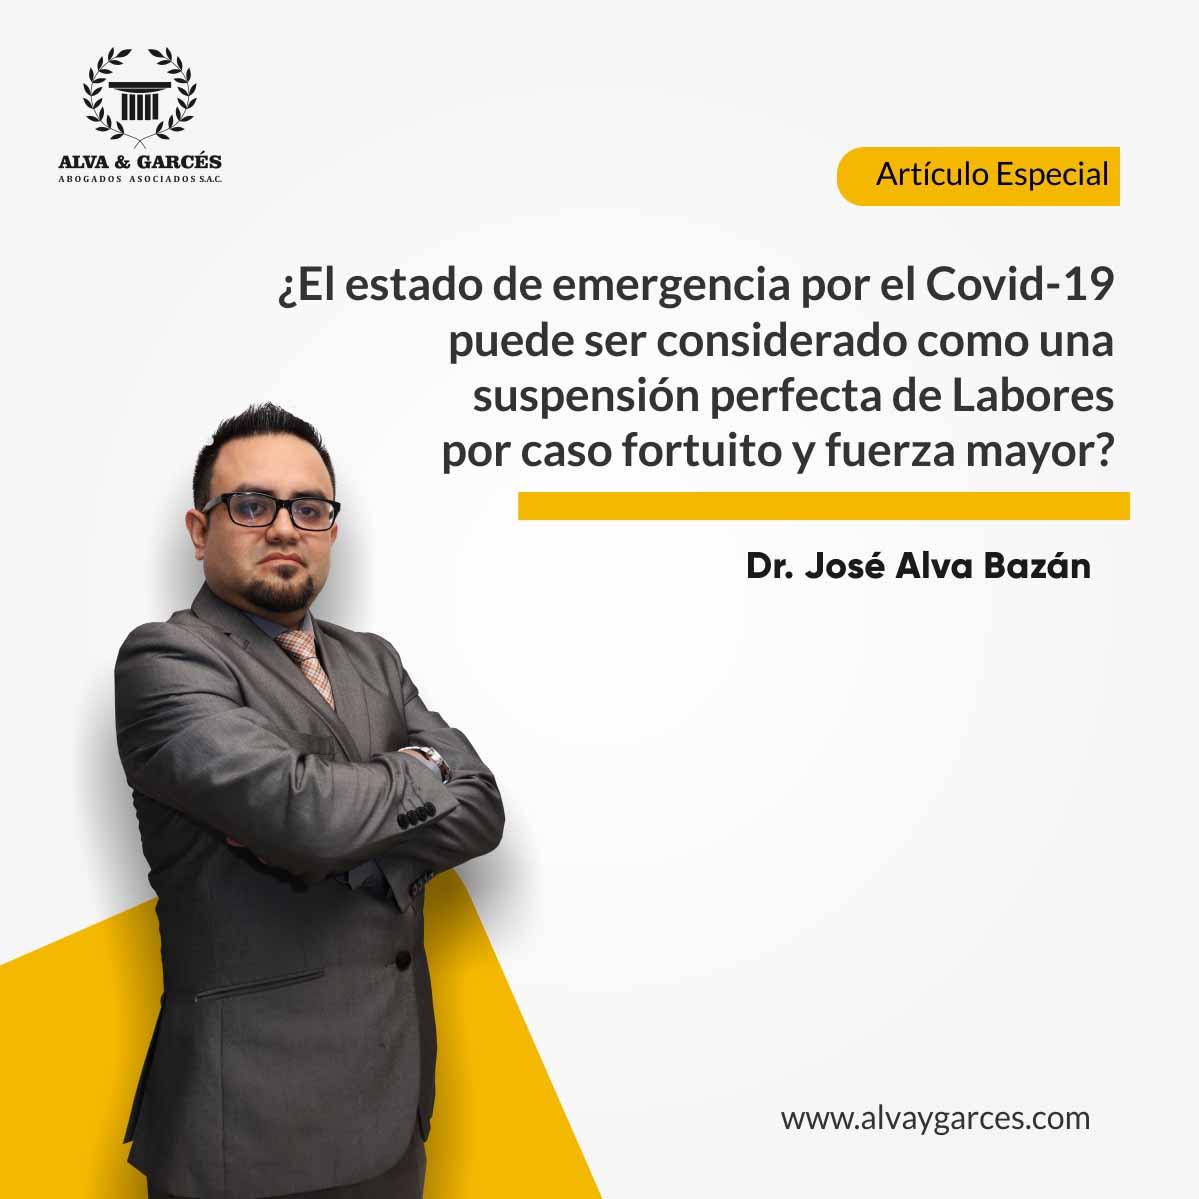 ¿El Estado de Emergencia por el COVID-19 puede ser considerado como una Suspensión Perfecta de Labores por caso fortuito y fuerza mayor?